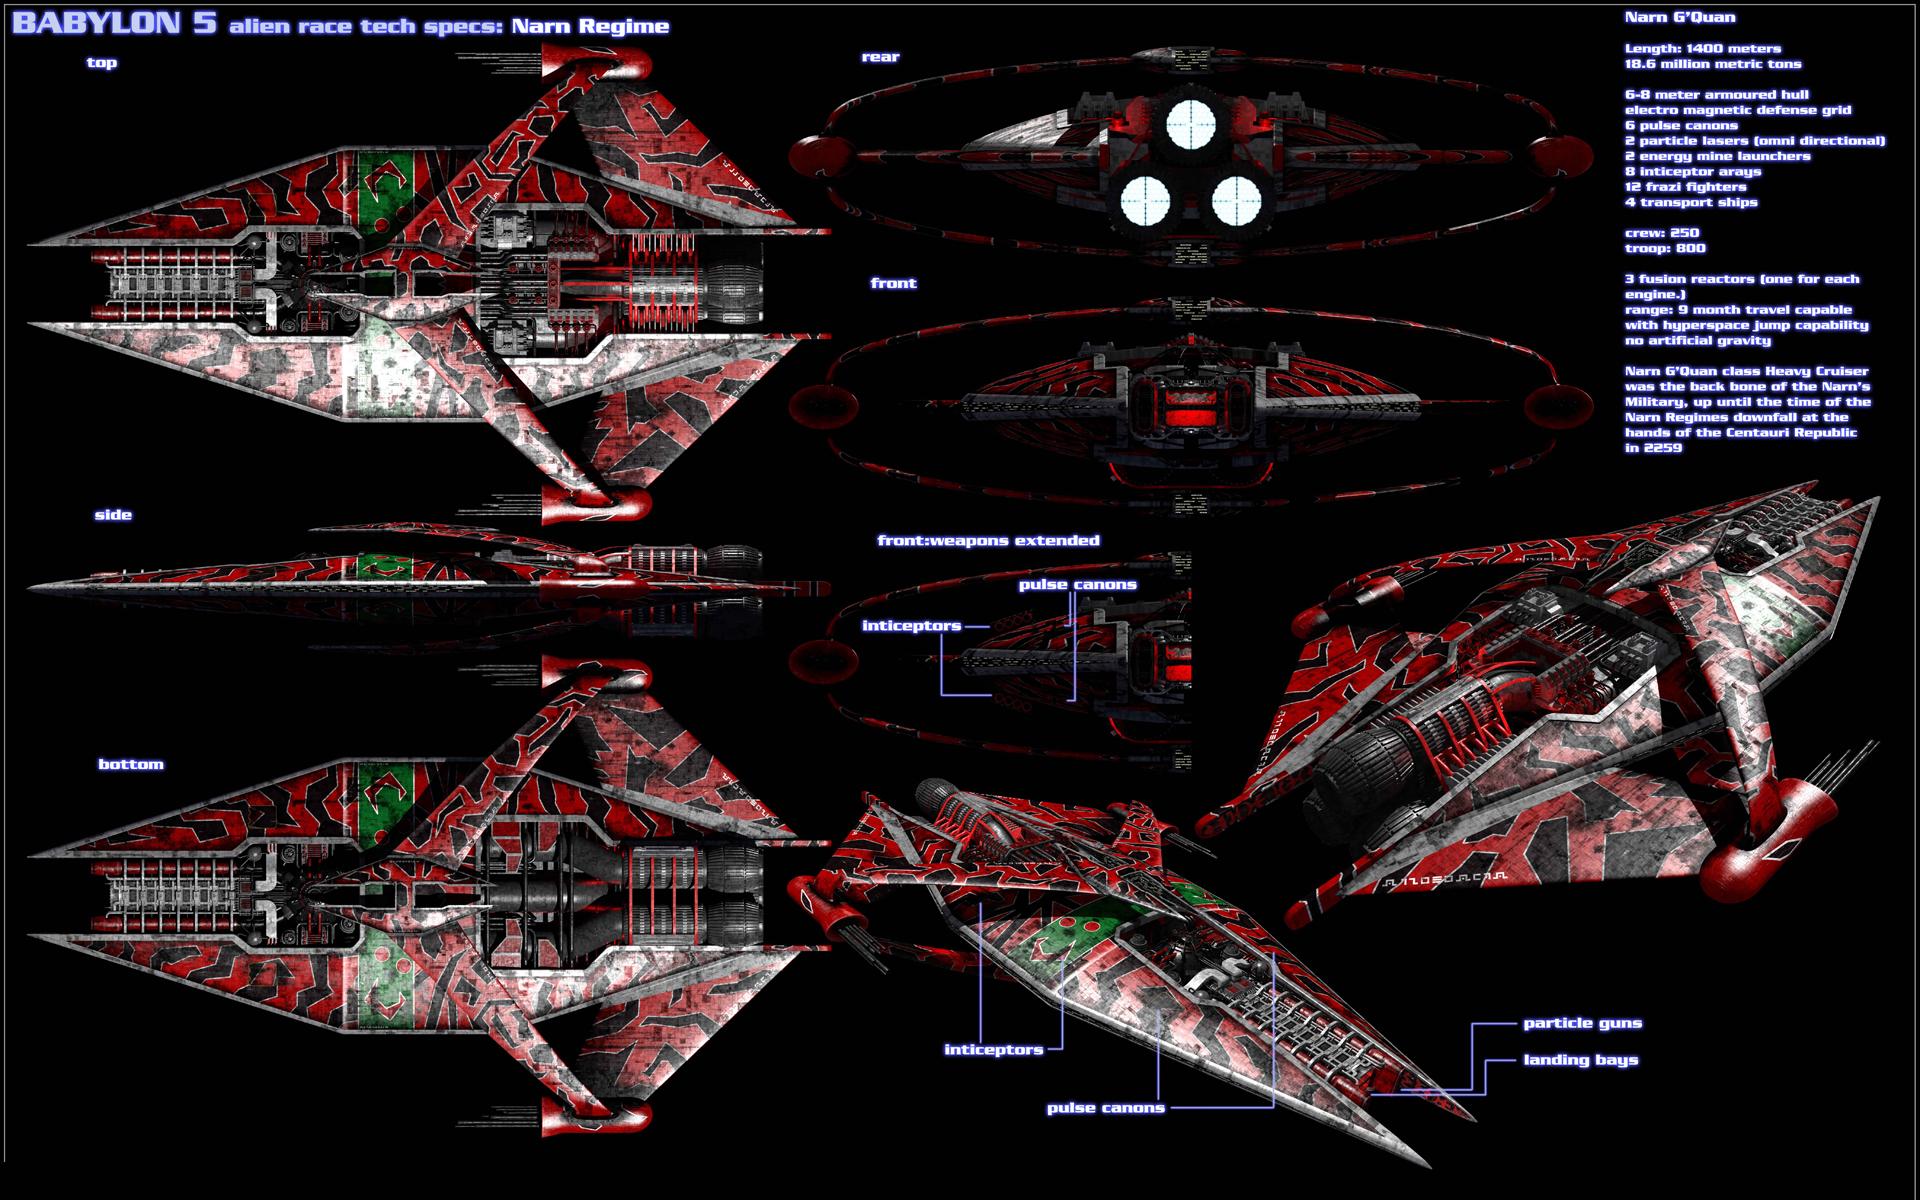 star trek original series desktop wallpaper